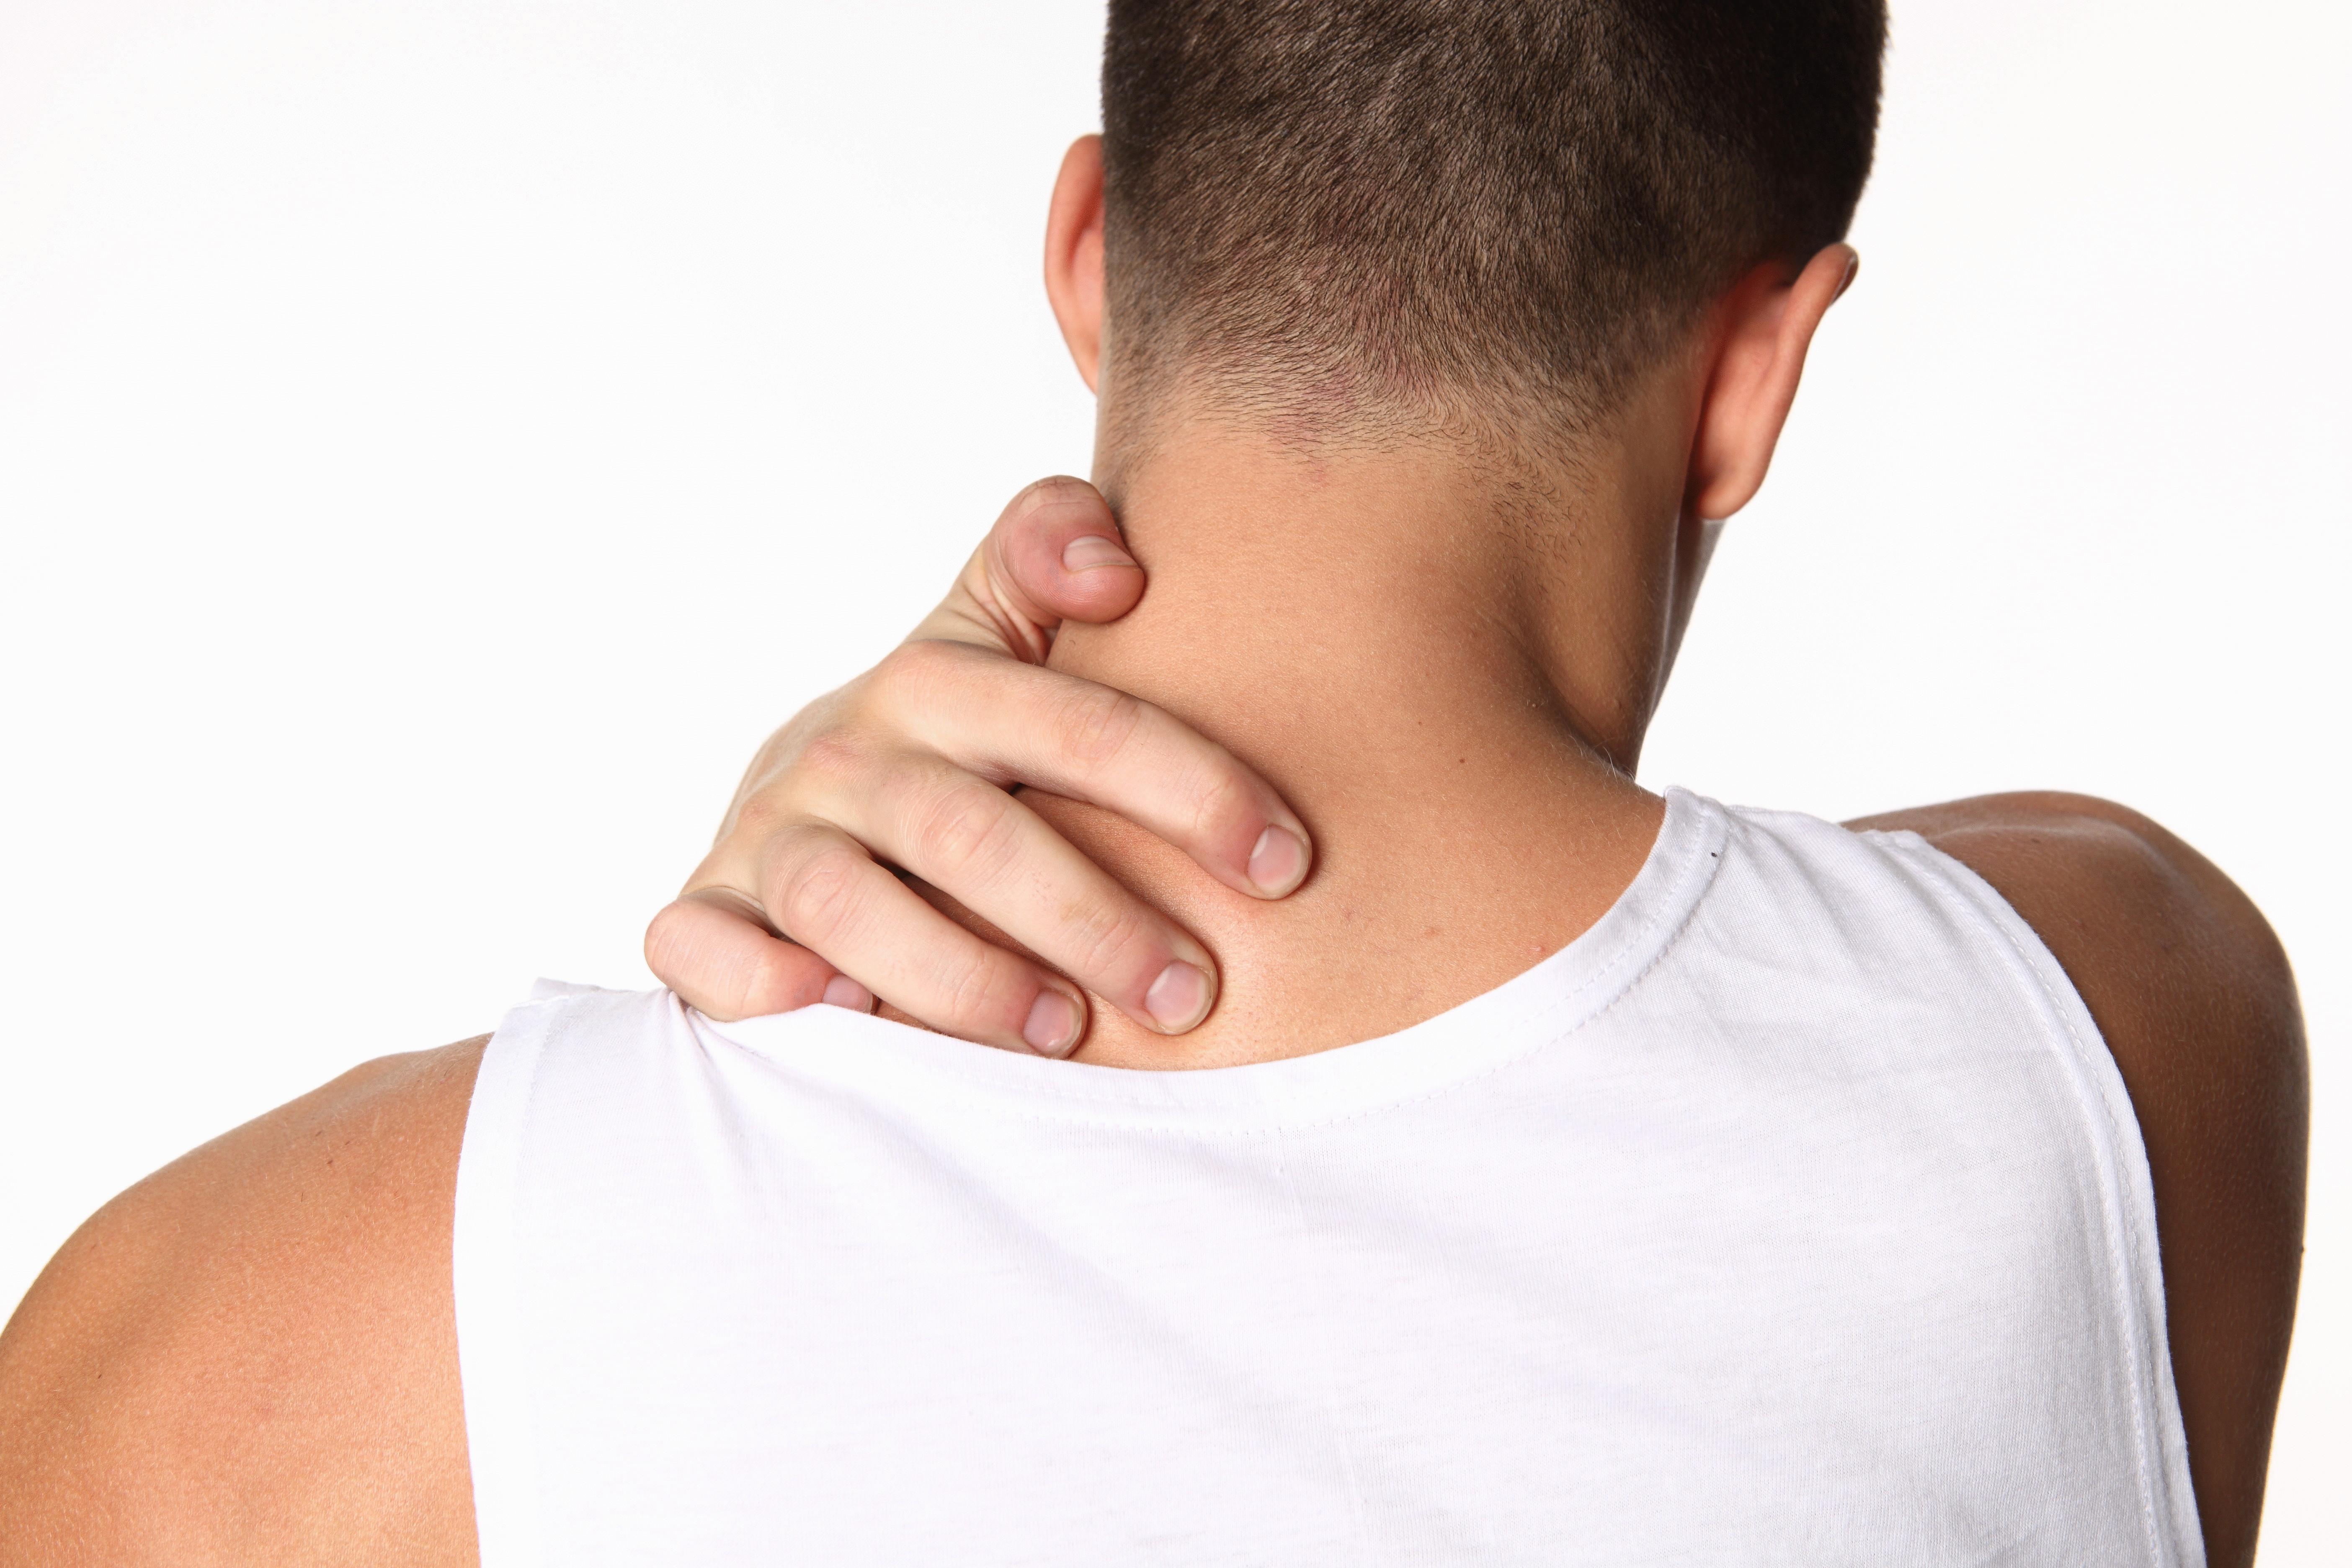 Остеохондроз шеи сильные боли